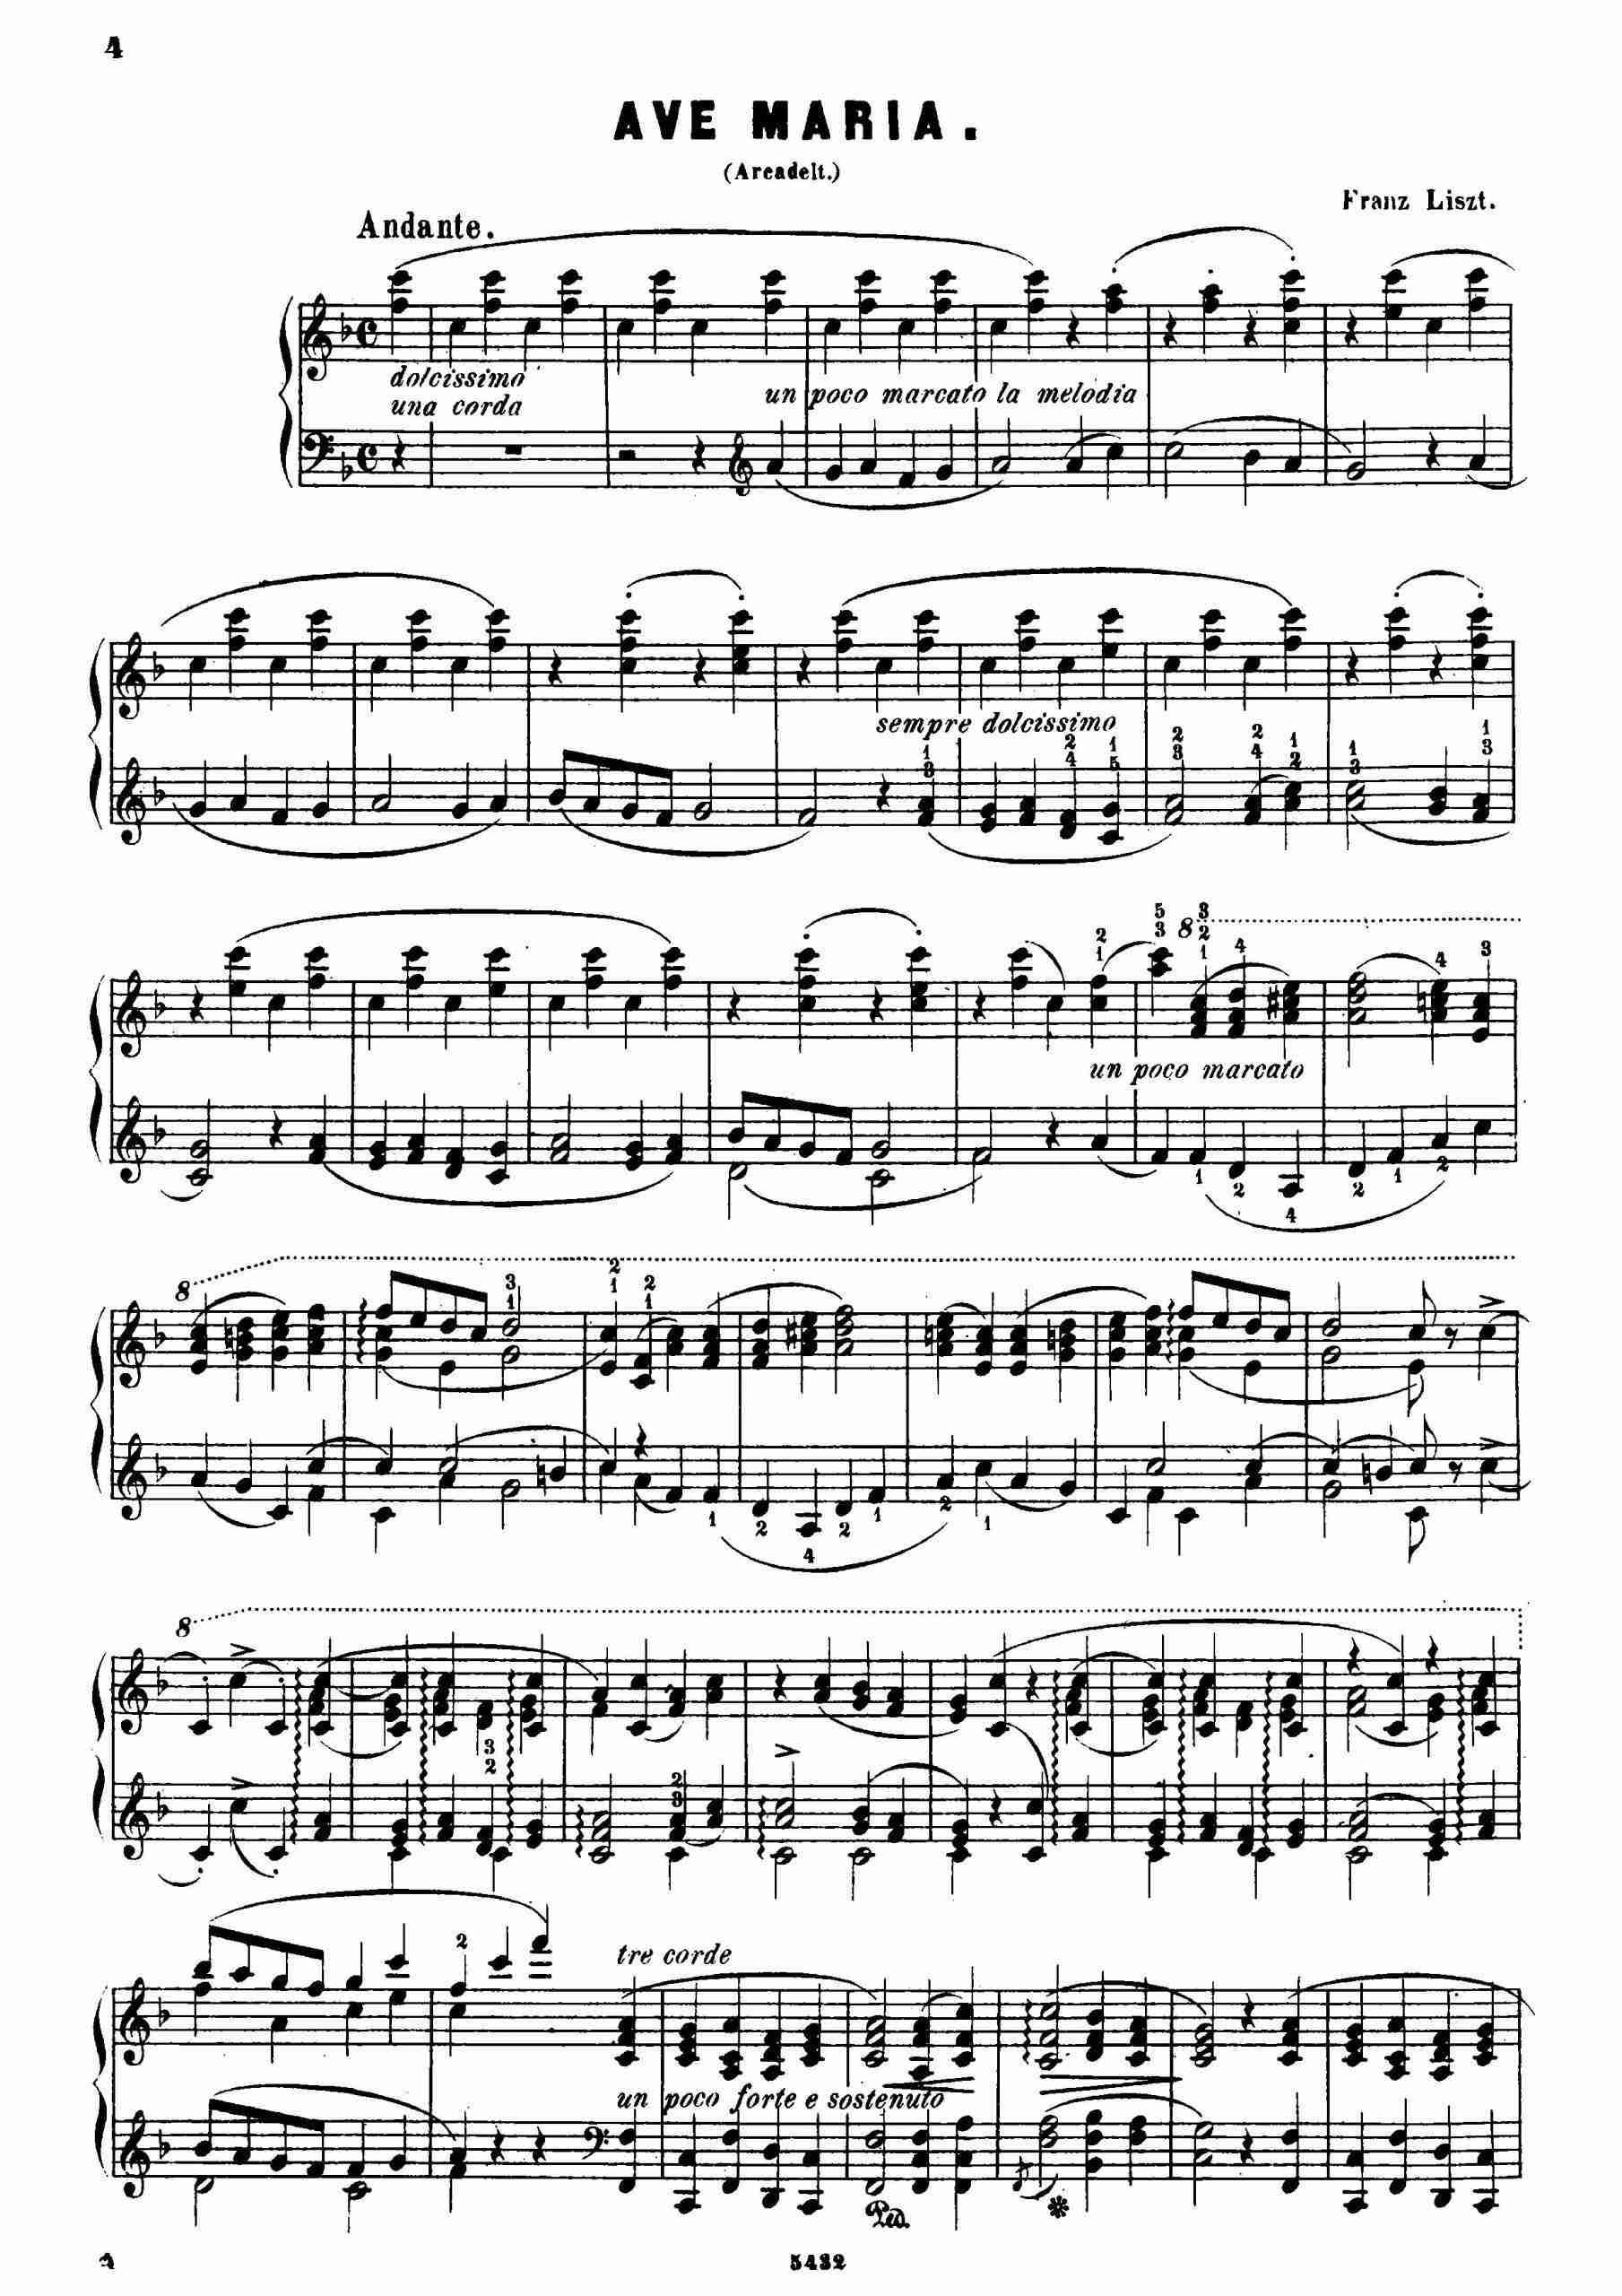 Liszt, Franz - Ave Maria d'Arcadelt, S.183/2